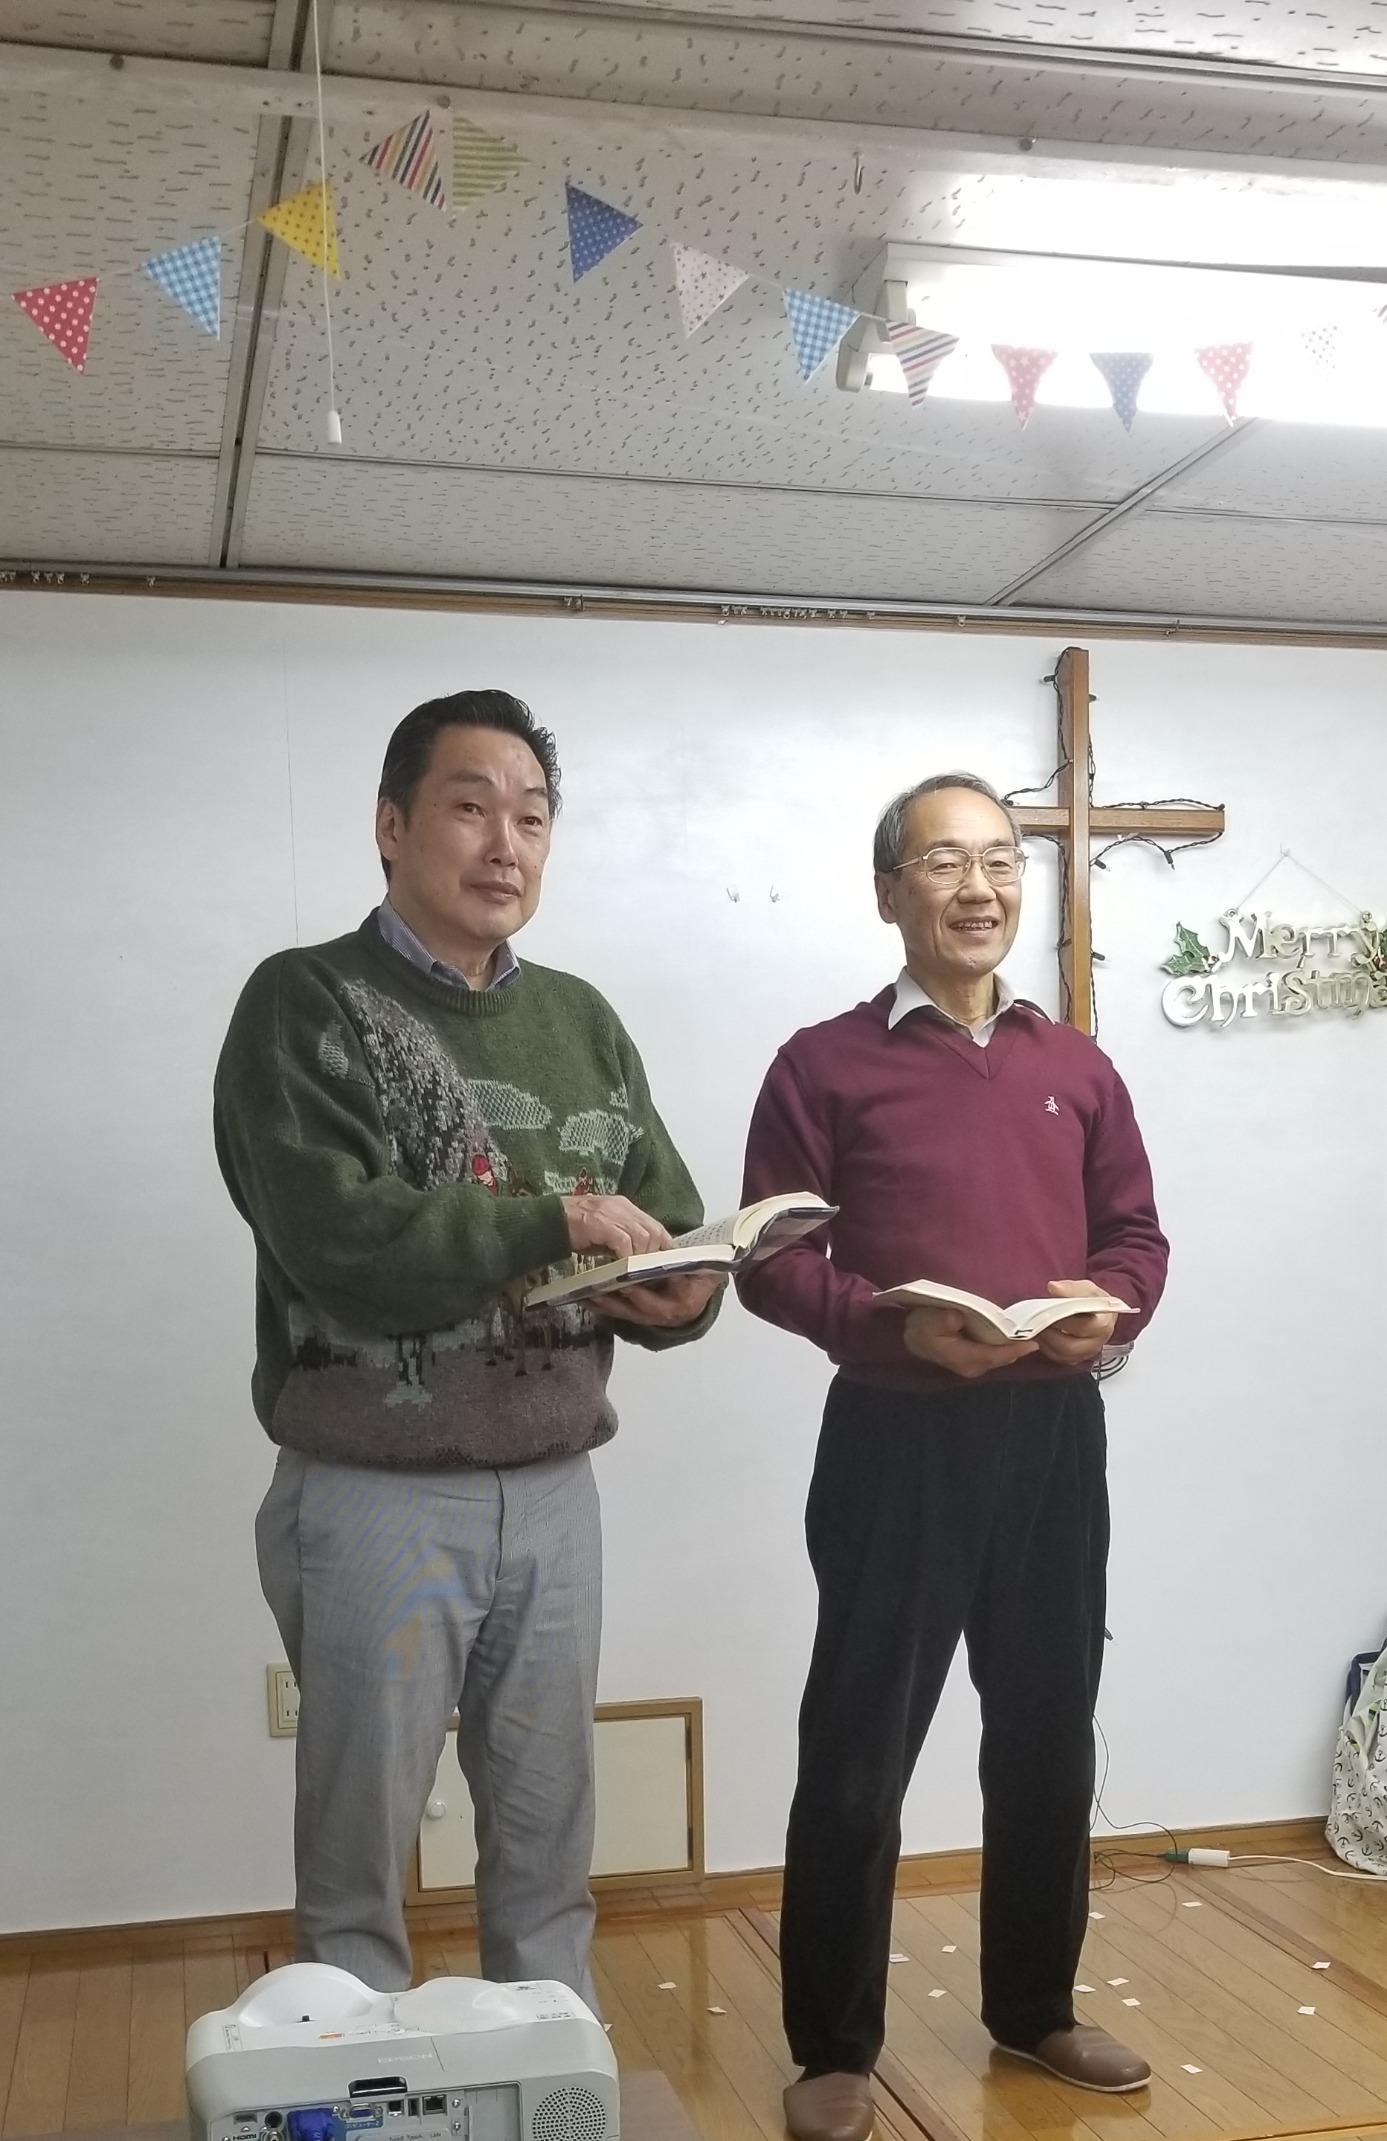 20181223 大人クリスマス会6